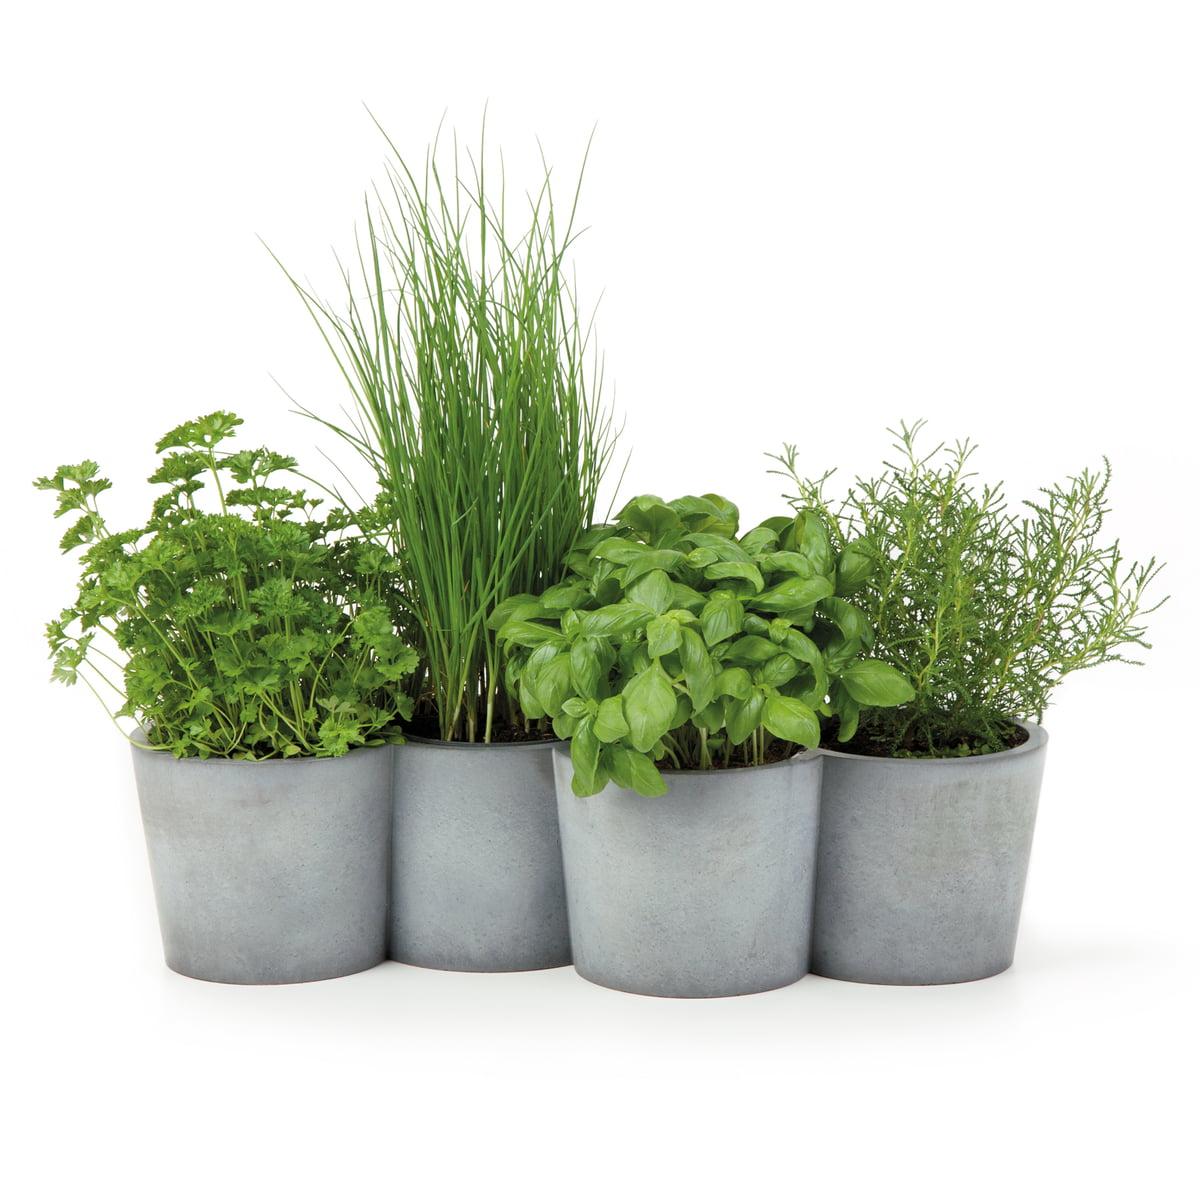 Herbes Aromatiques D Intérieur konstantin slawinski - pots à herbes aromatiques potpot sl46